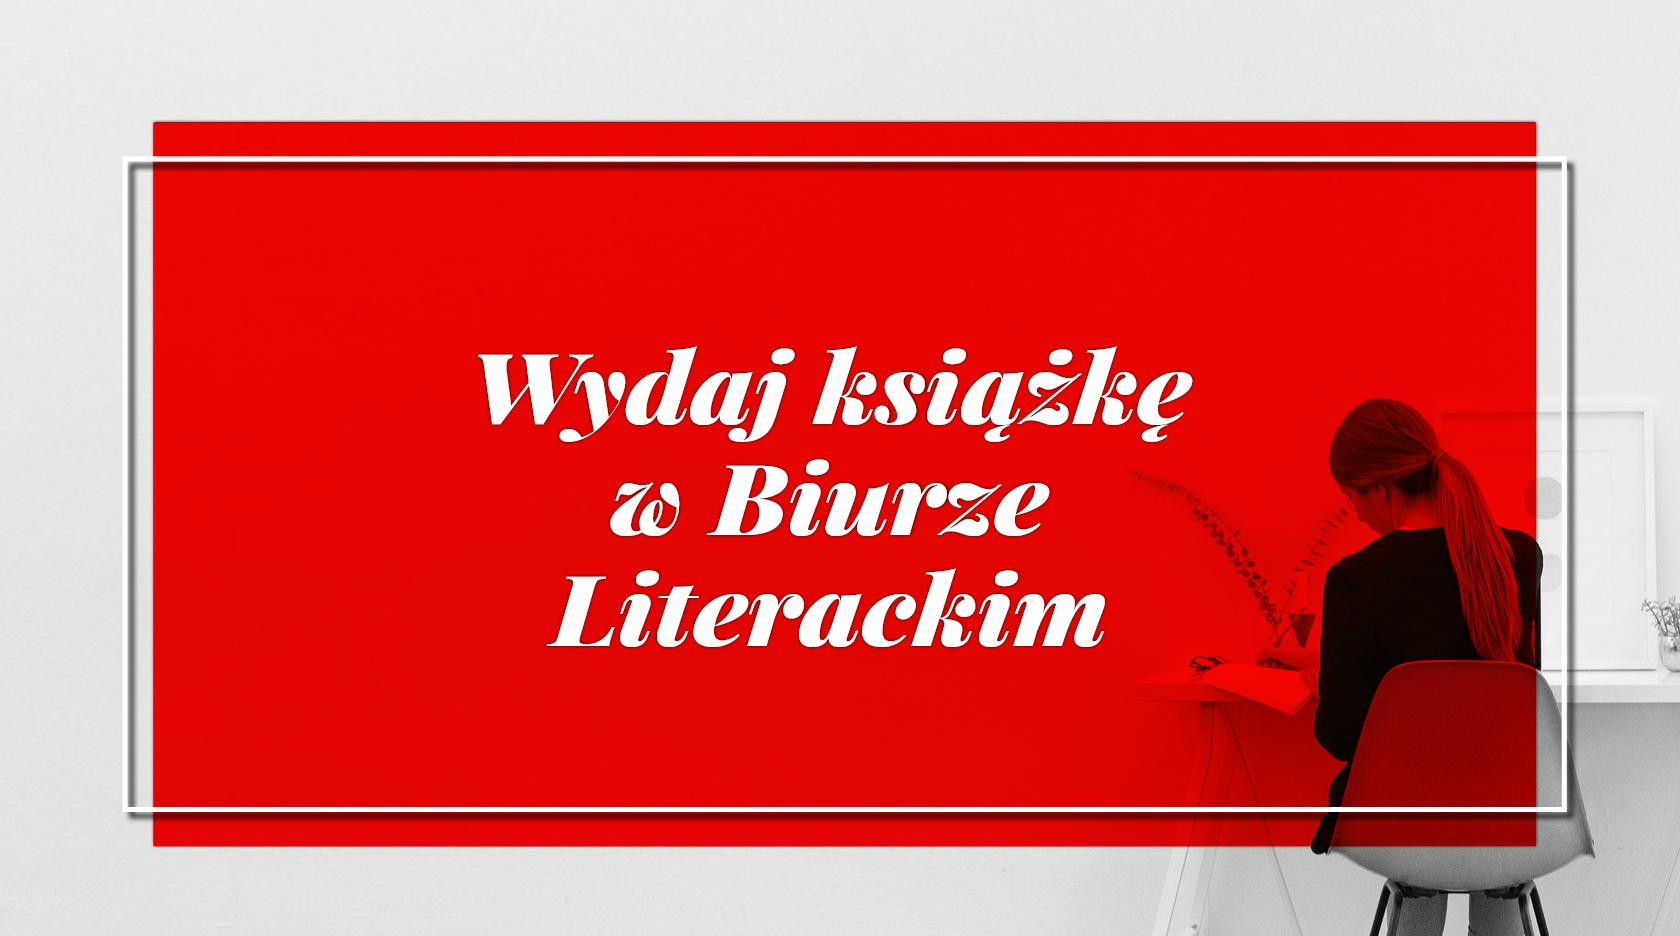 BL Img 2017.11.23 Wydaj książkę w Biurze Literackim_www